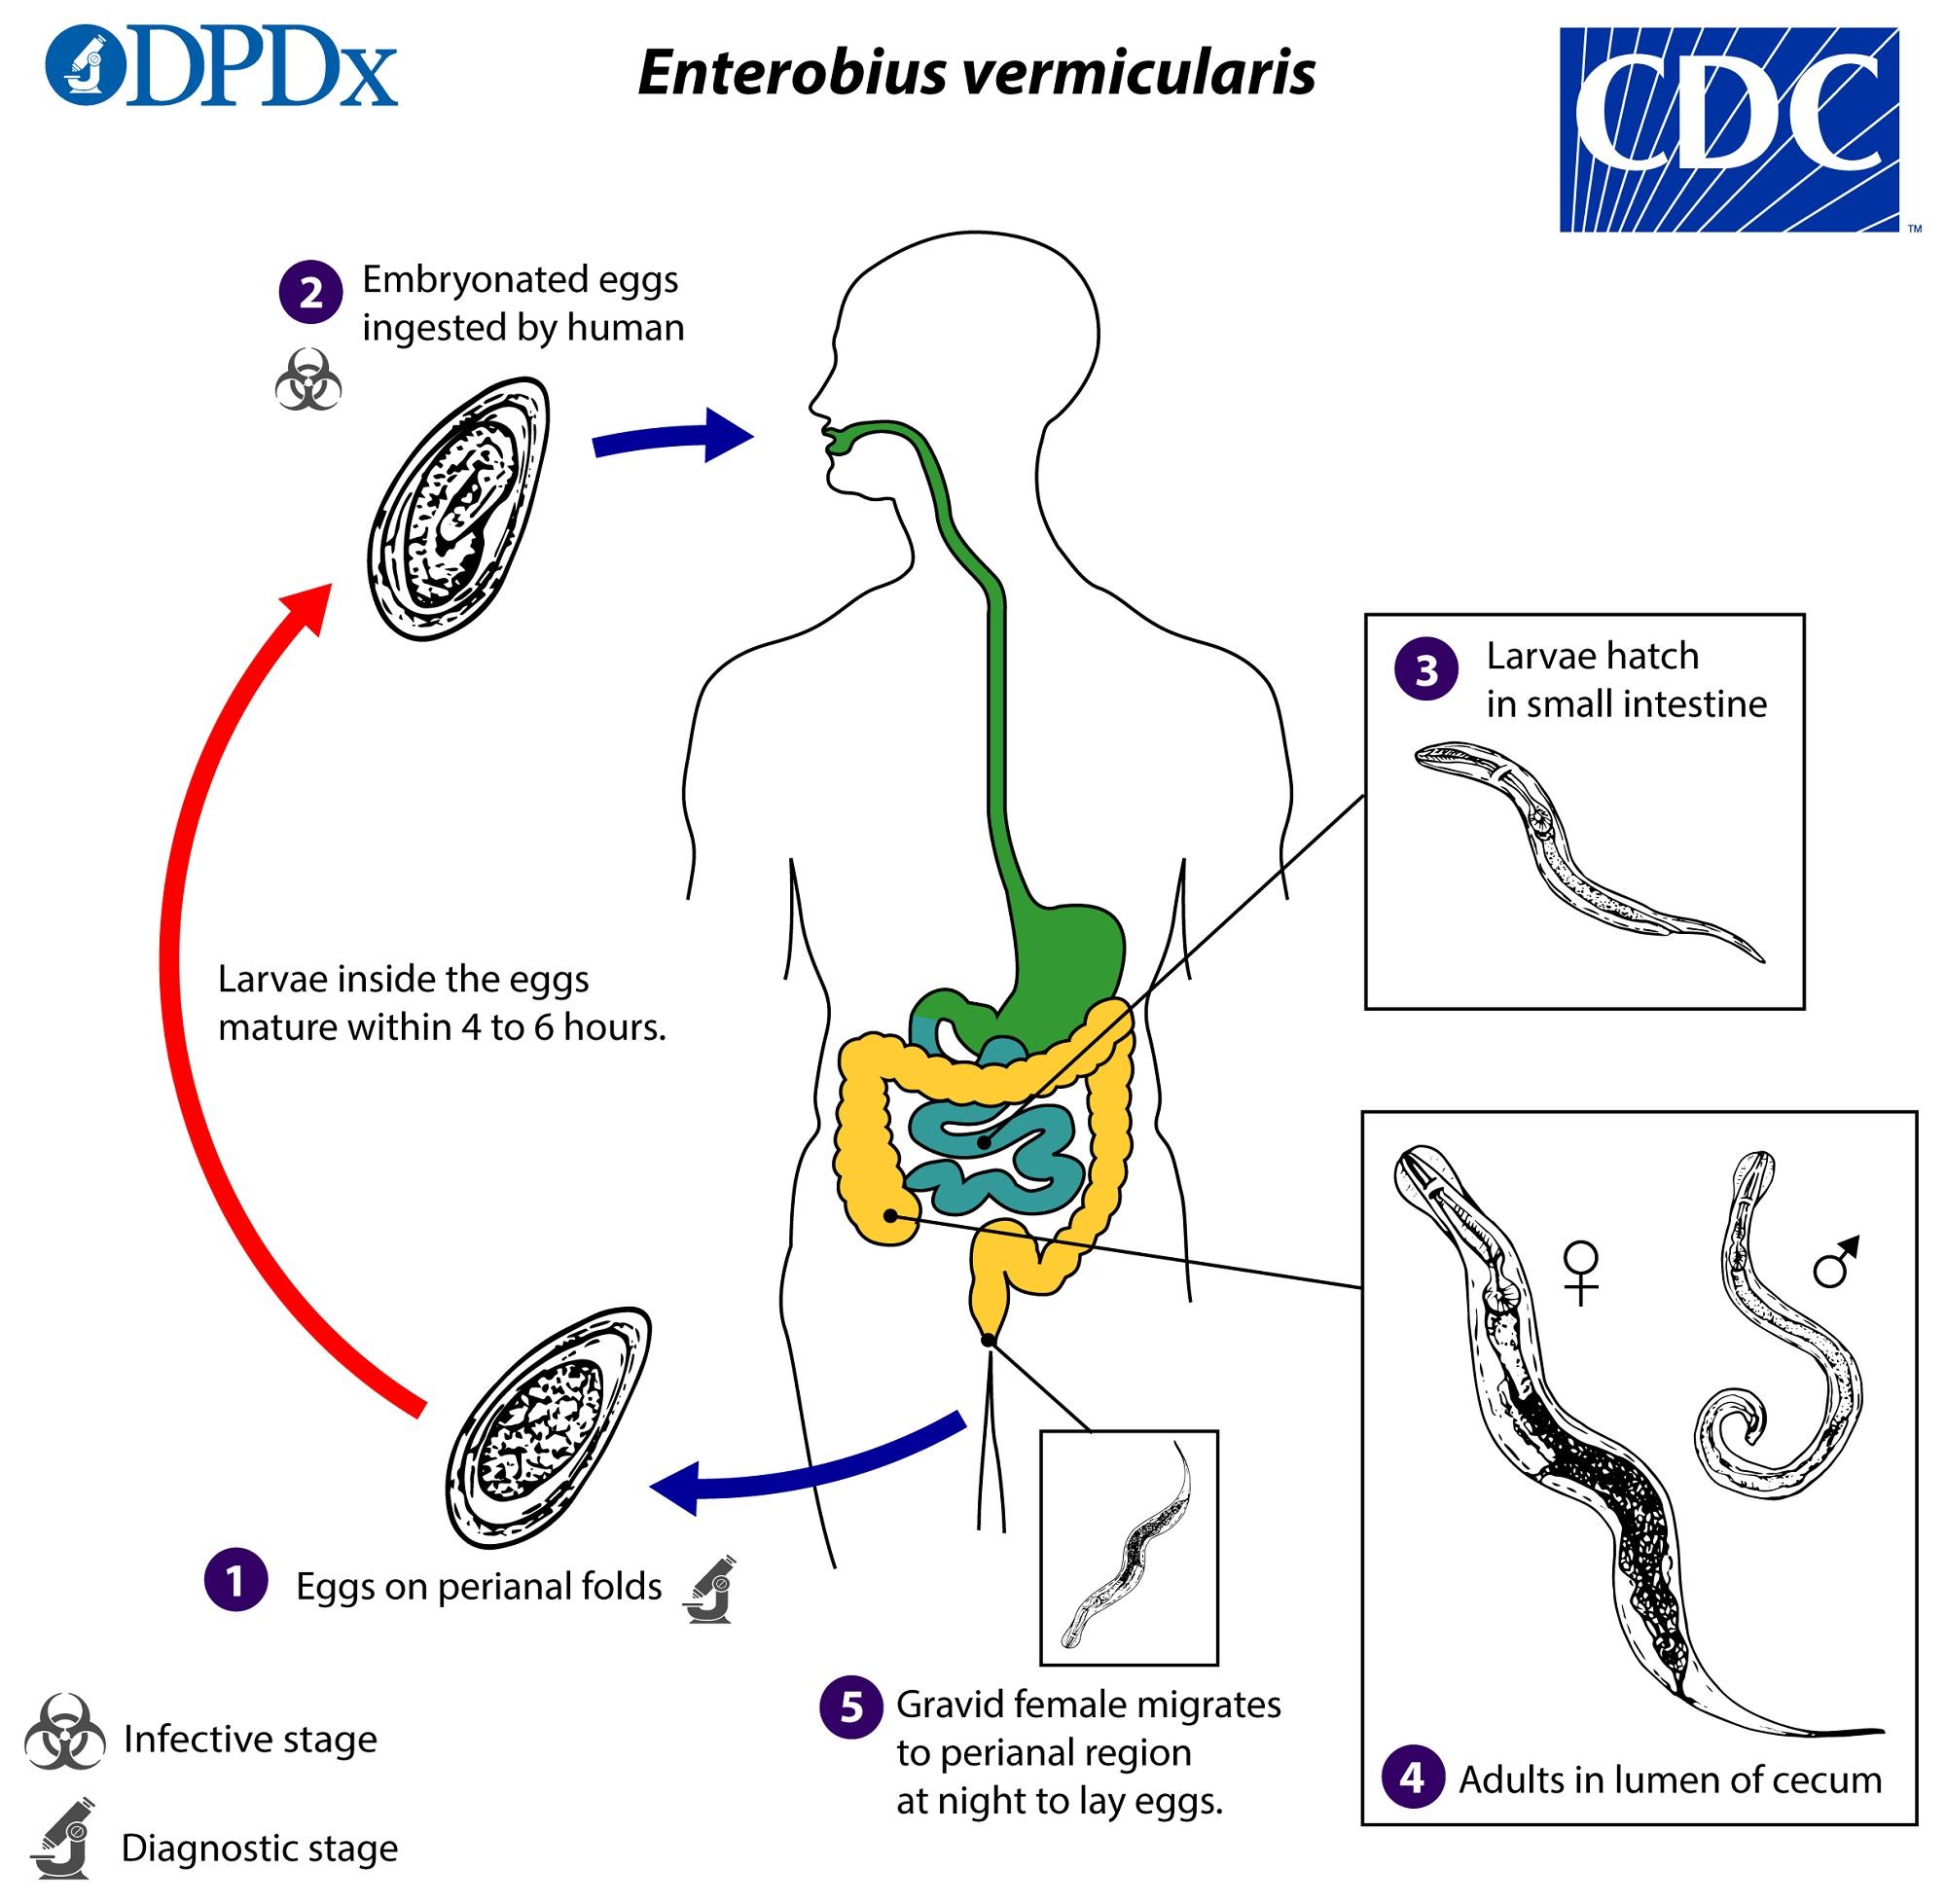 oxyuris vermicularis adalah)